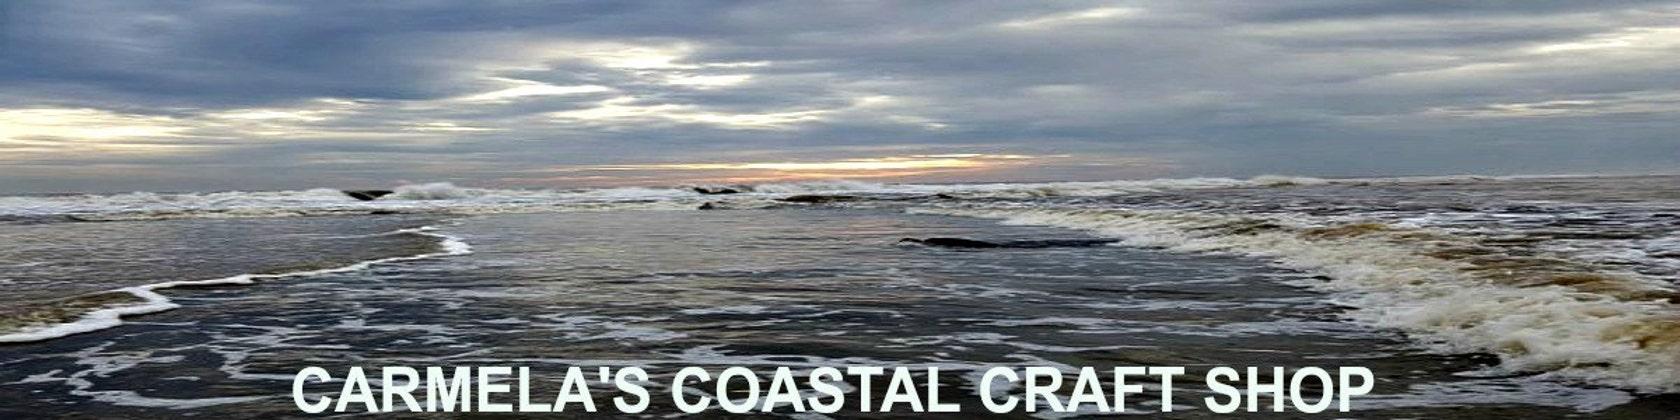 Carmelas Coastal Craft Beach Themed Decor and Gifts